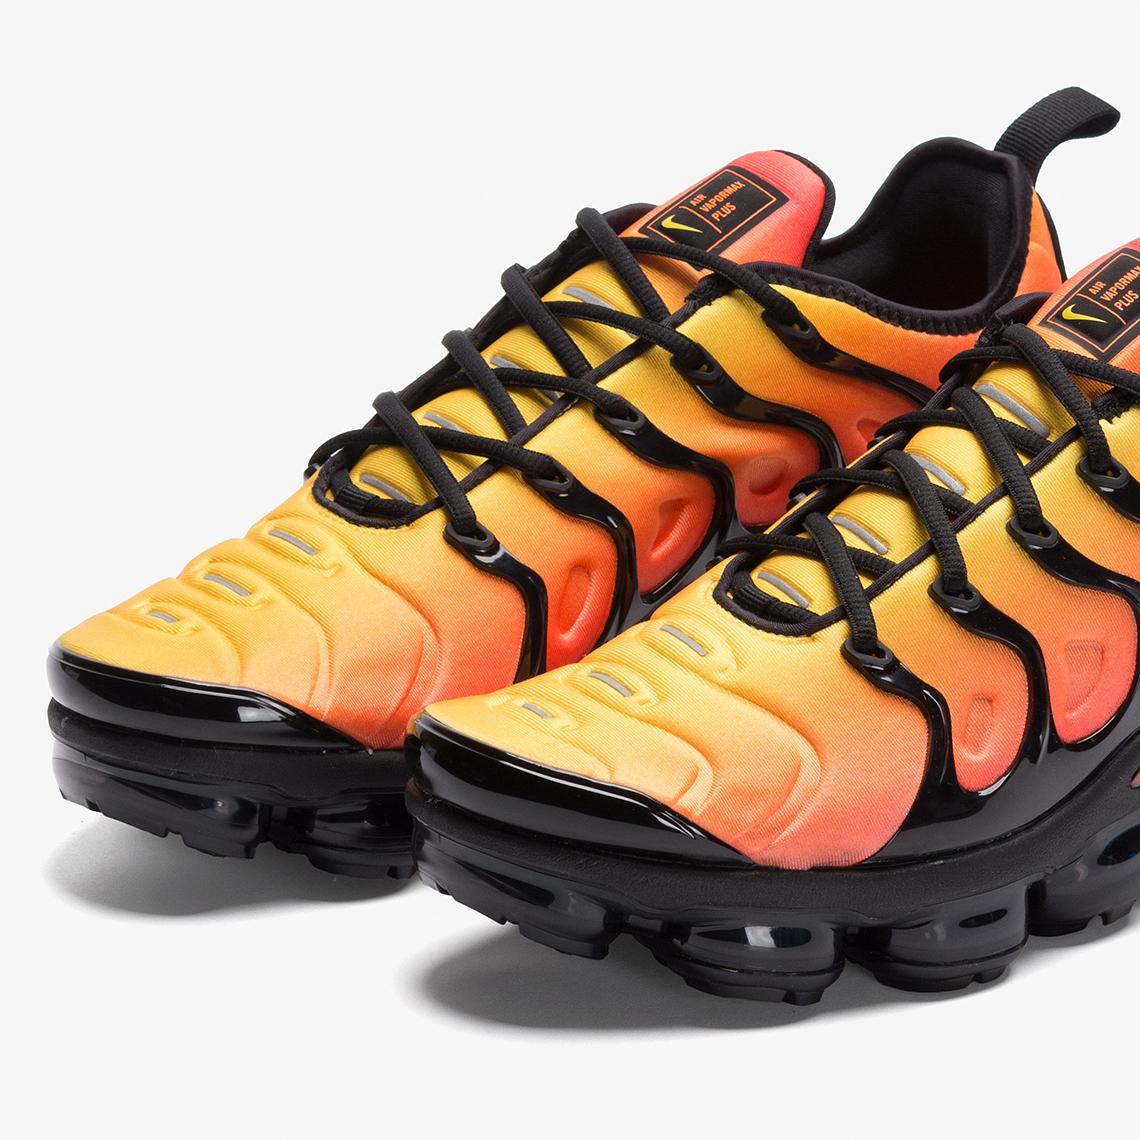 Nike Vapormax Además Baúl Puesta De Sol JkLAmtX